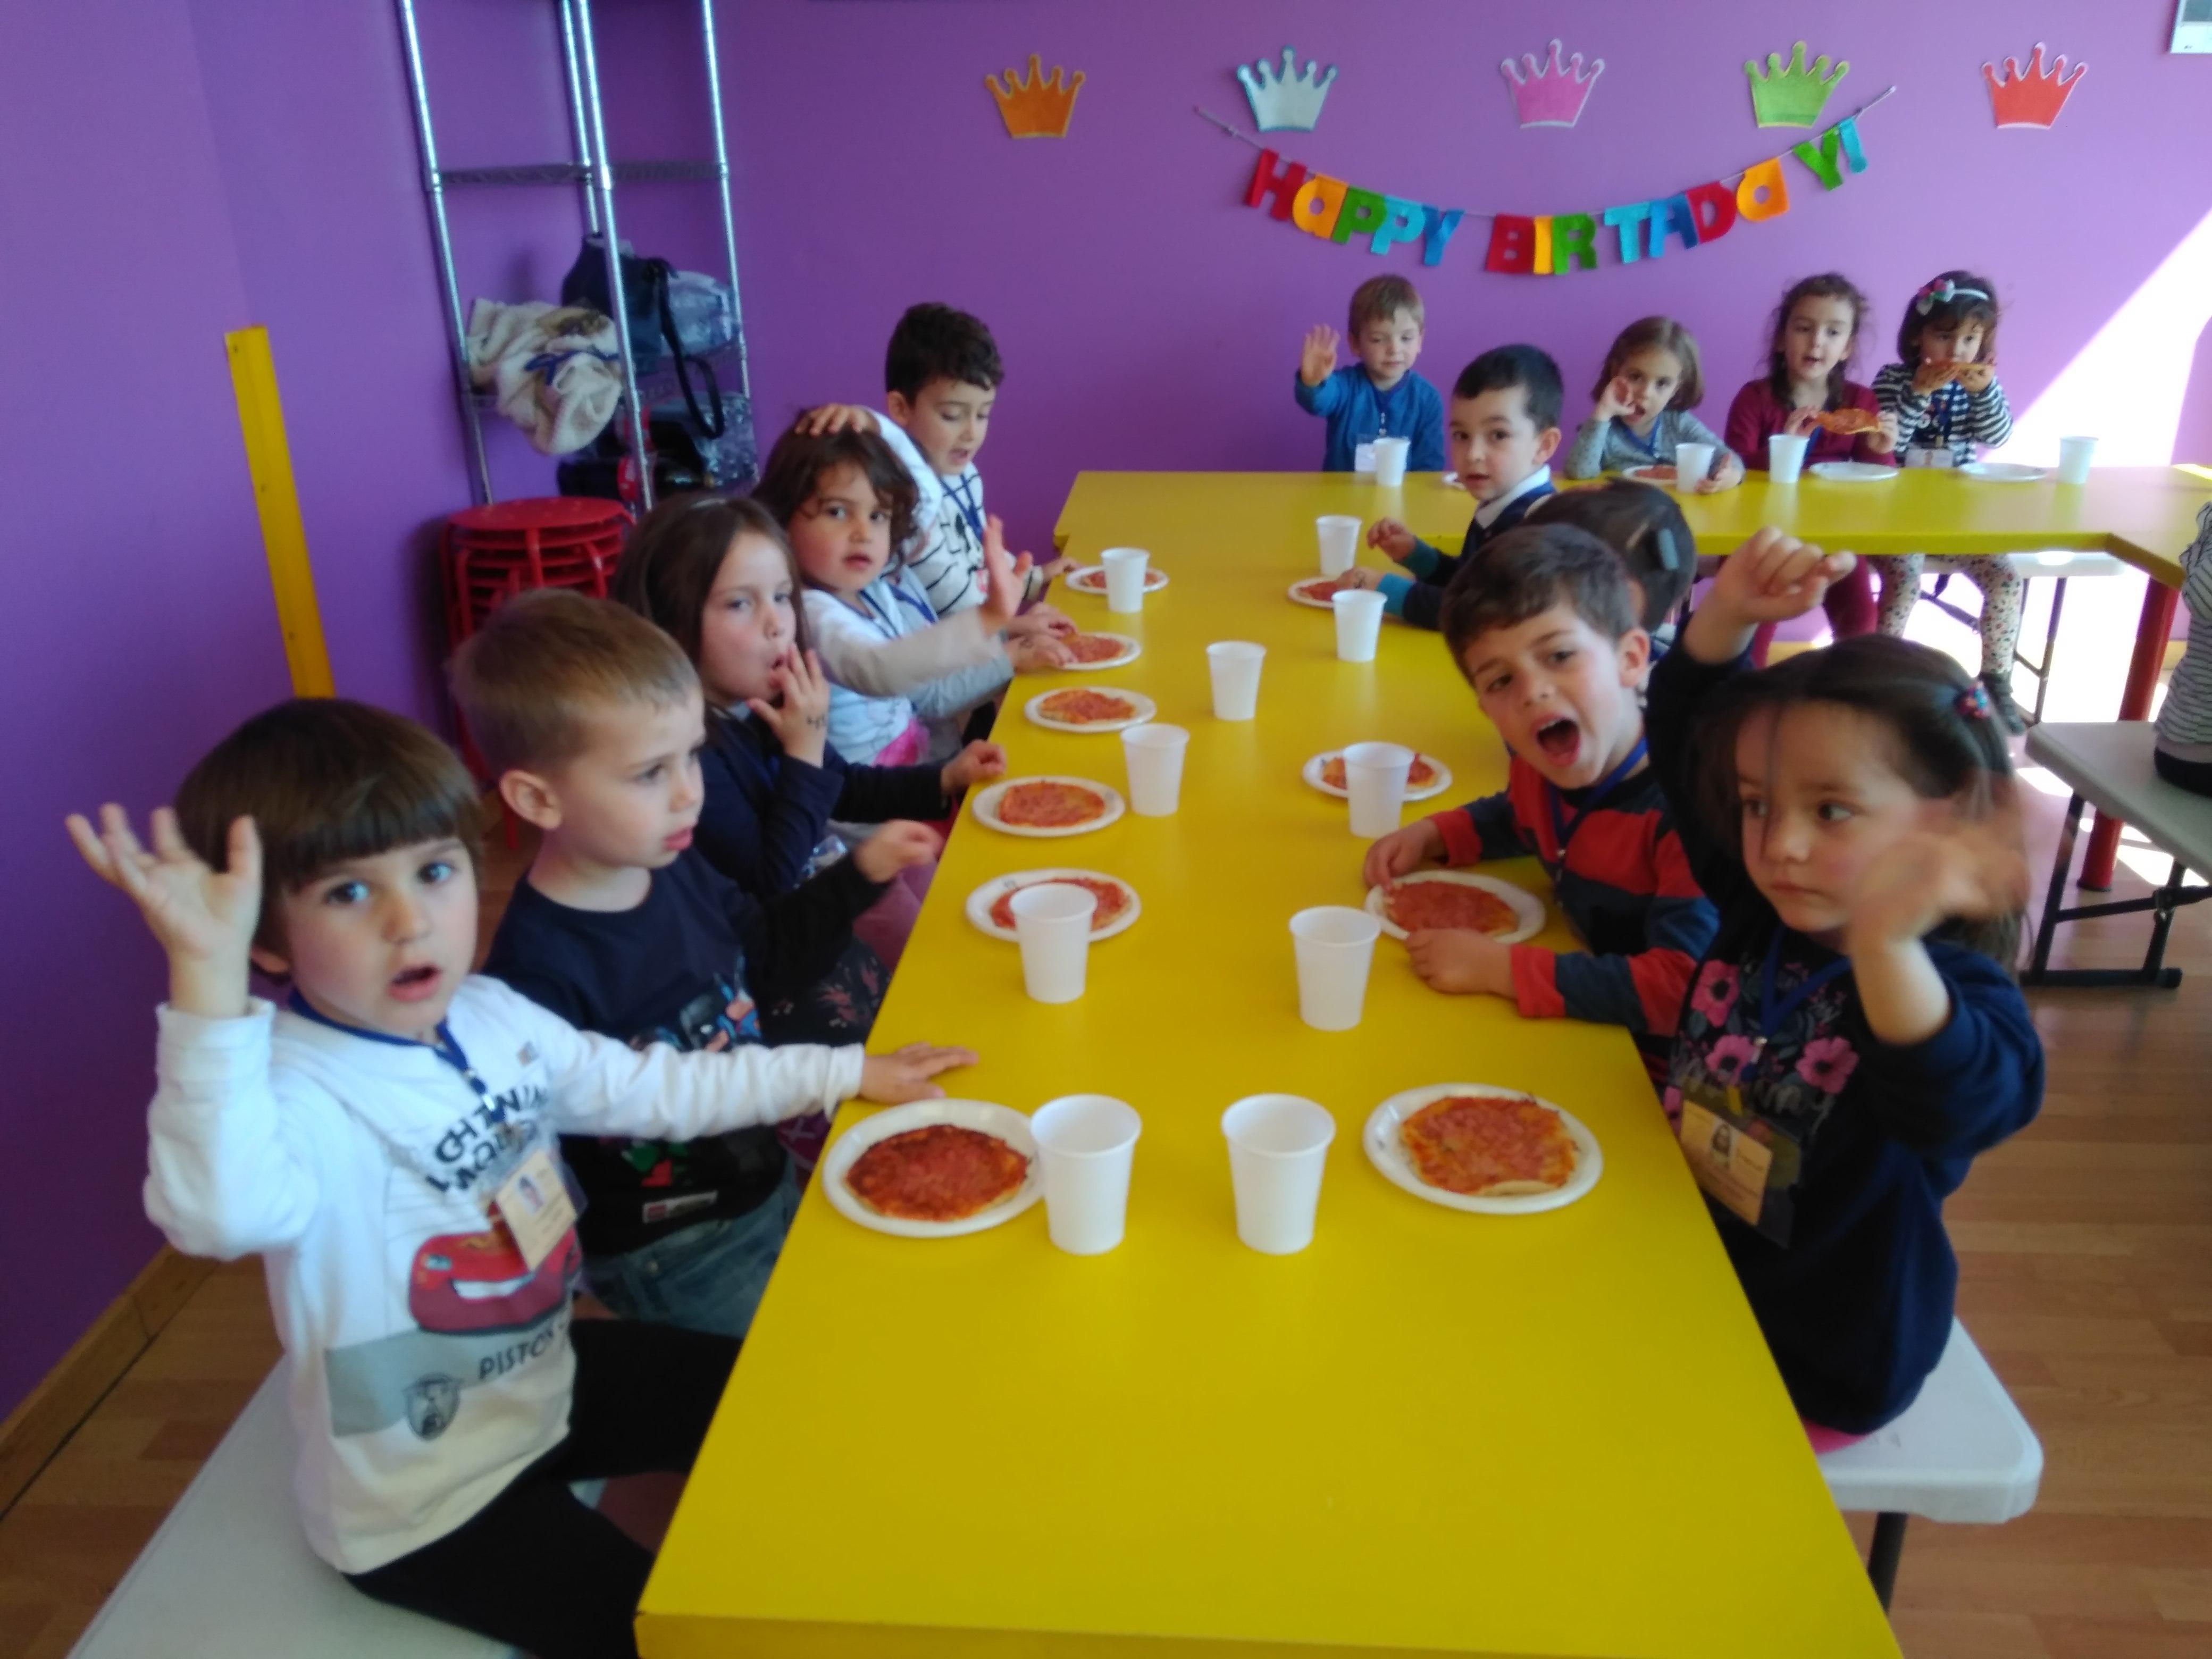 Excursión Escuela de cocina 45